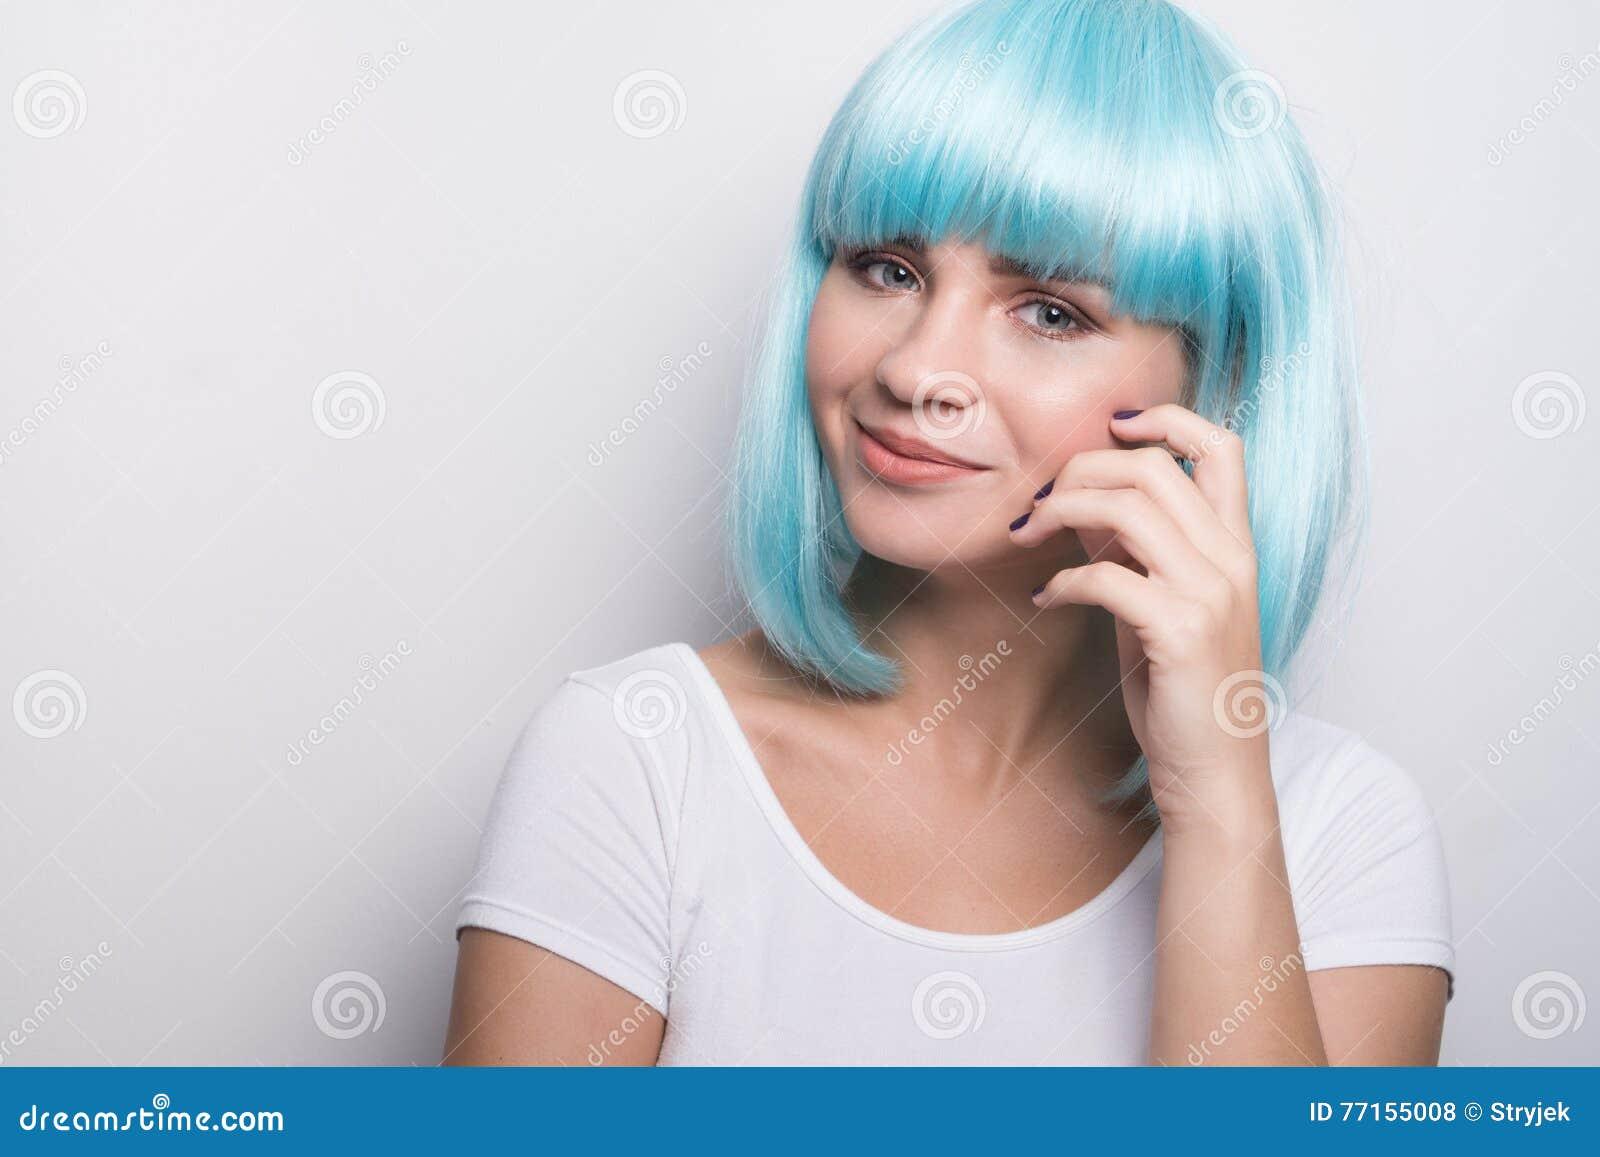 Jeune fille effrontée dans le style futuriste moderne avec la perruque bleue posant au-dessus du blanc